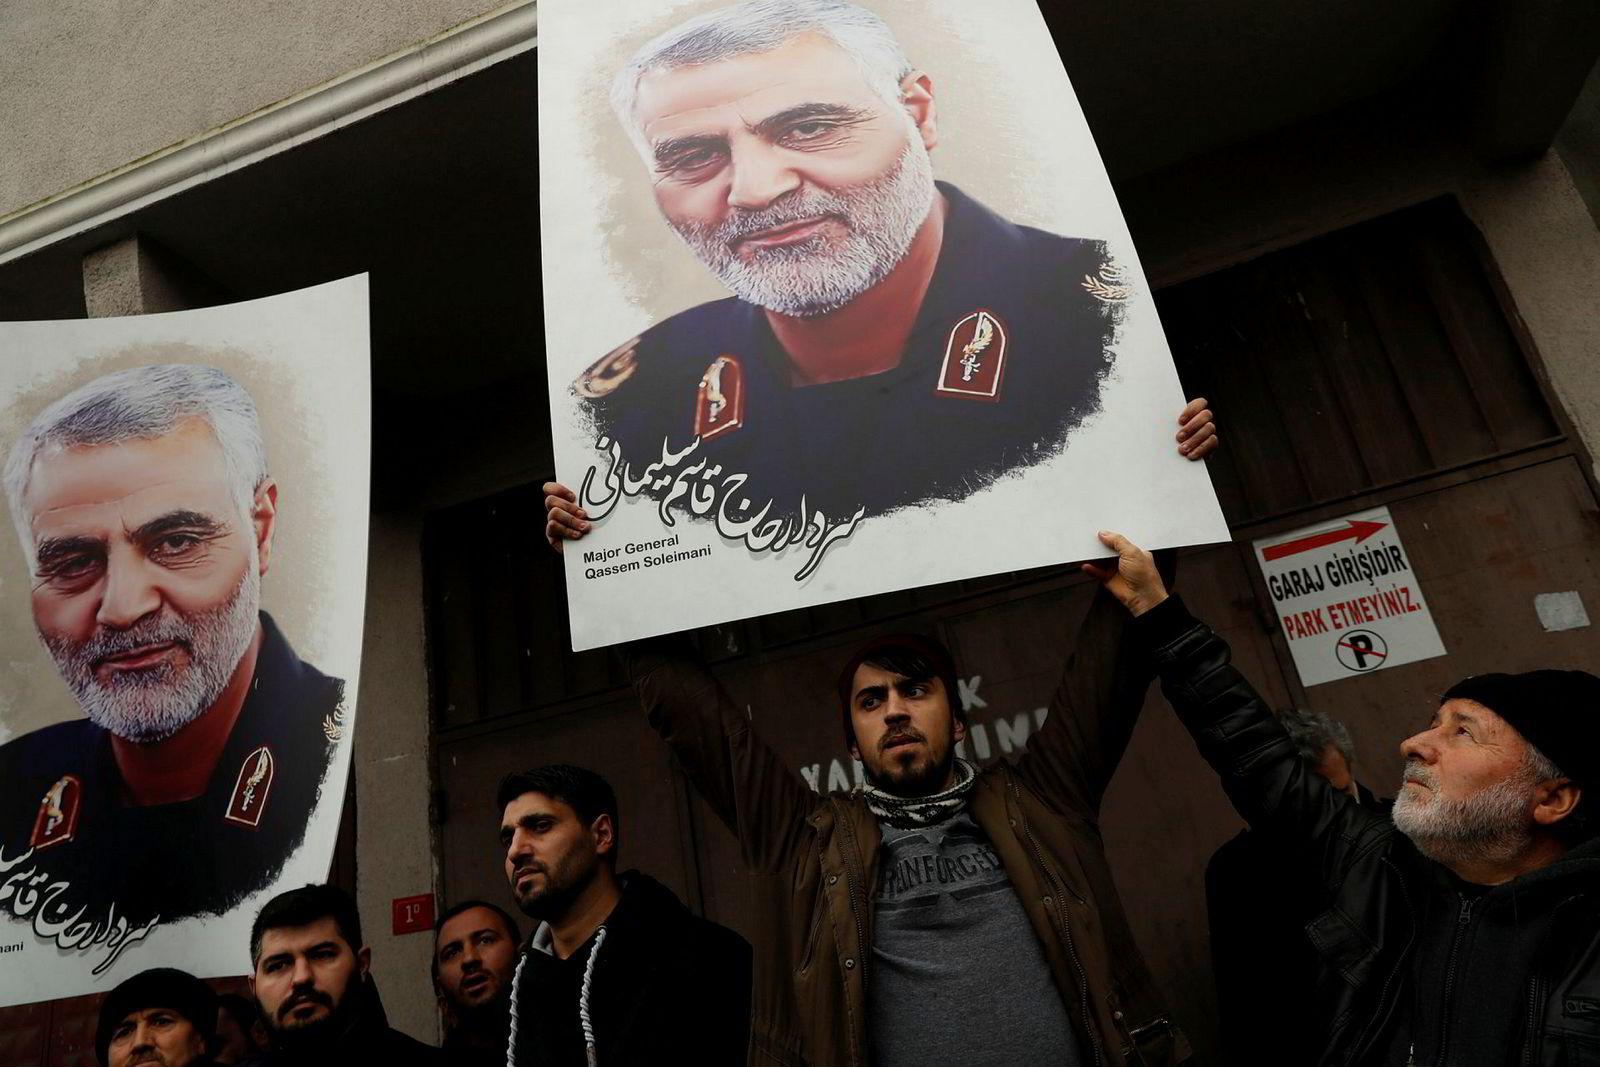 Millioner av iranere har de siste dagene hyllet general Qasem Soleimani, som ble drept i et amerikansk attentat i Irak fredag. Myndighetene i Teheran varsler hevn.